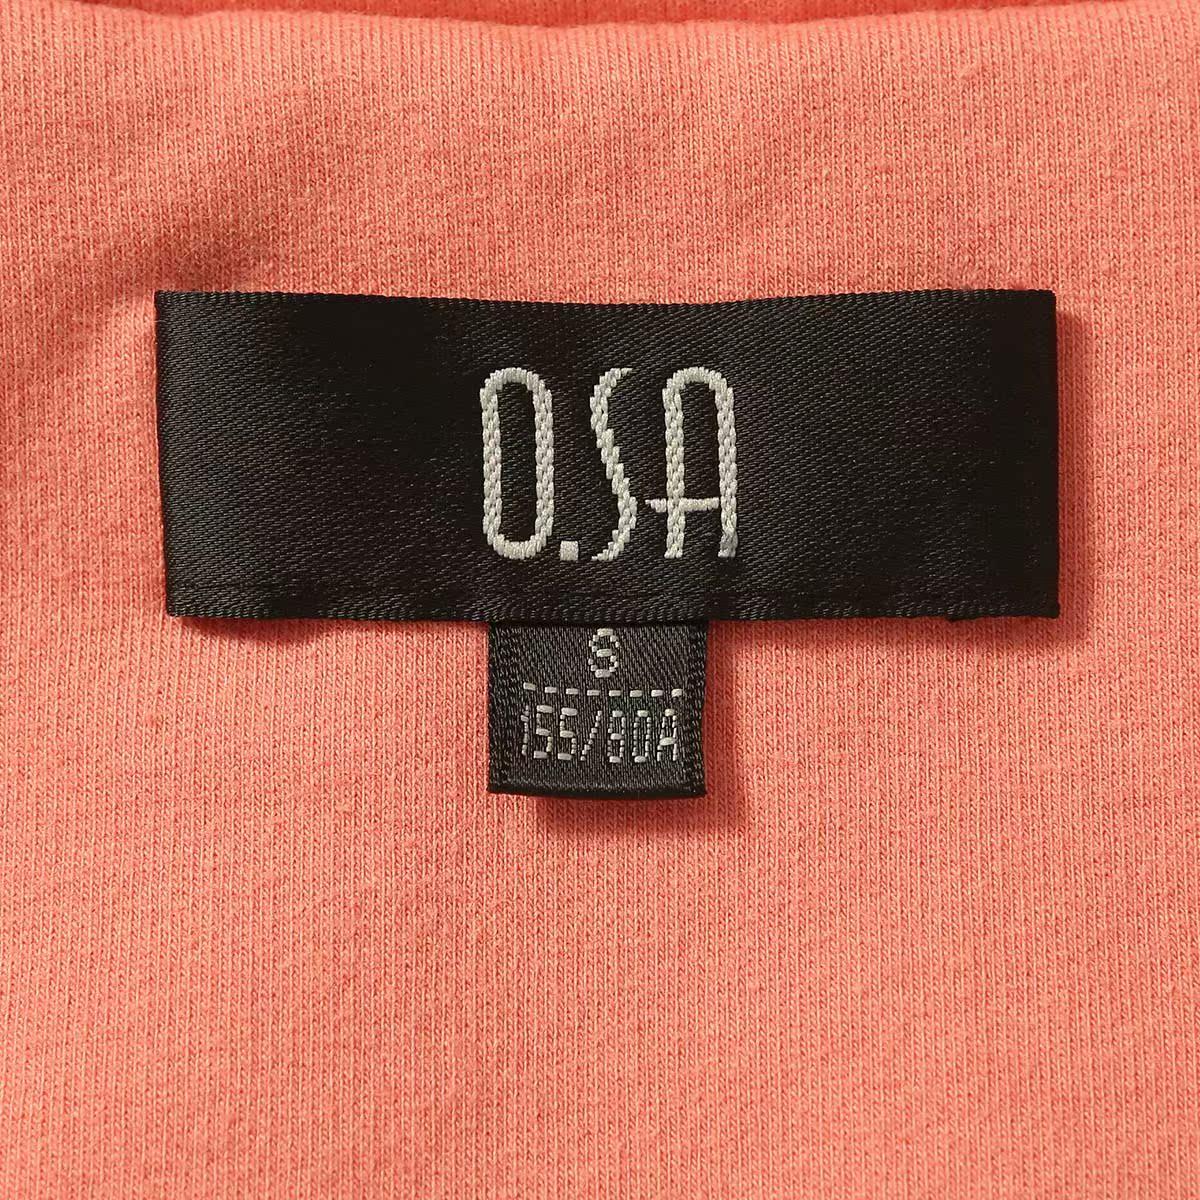 Одежда для отдыха OSA sw32016 2013 W32016 для девушки